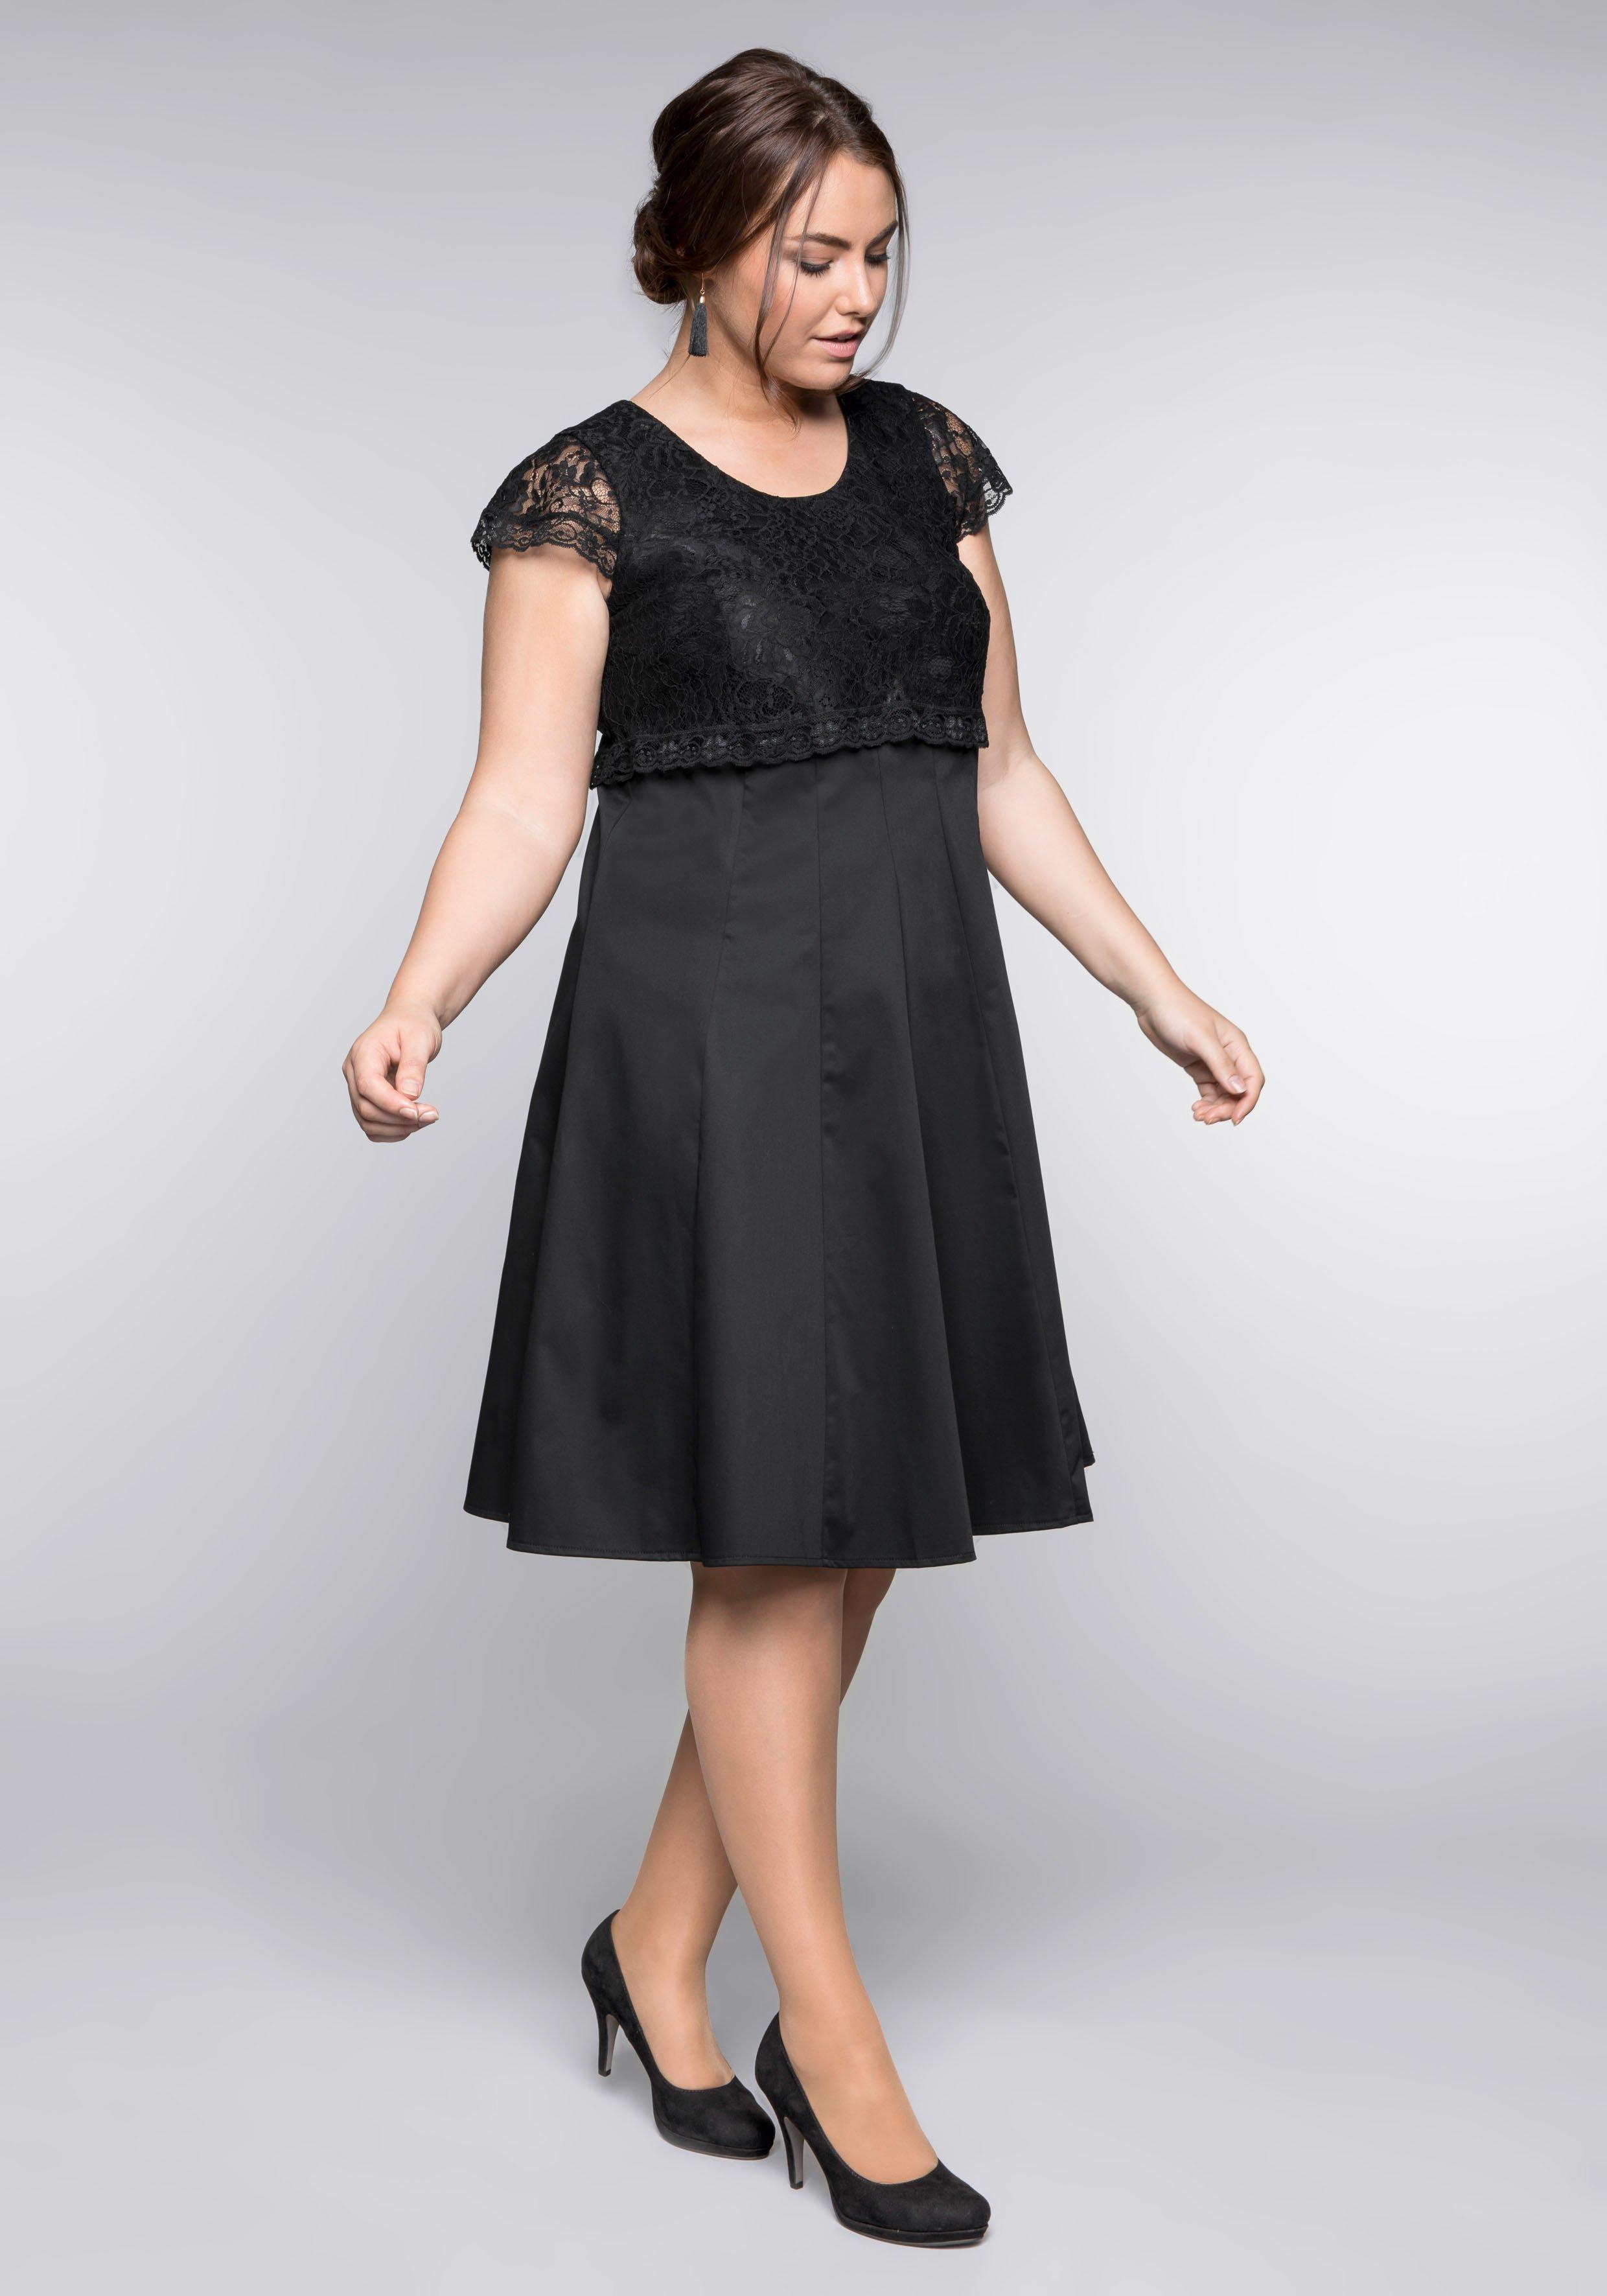 Große Größen: Kleid mit edlem Spitzenobert...